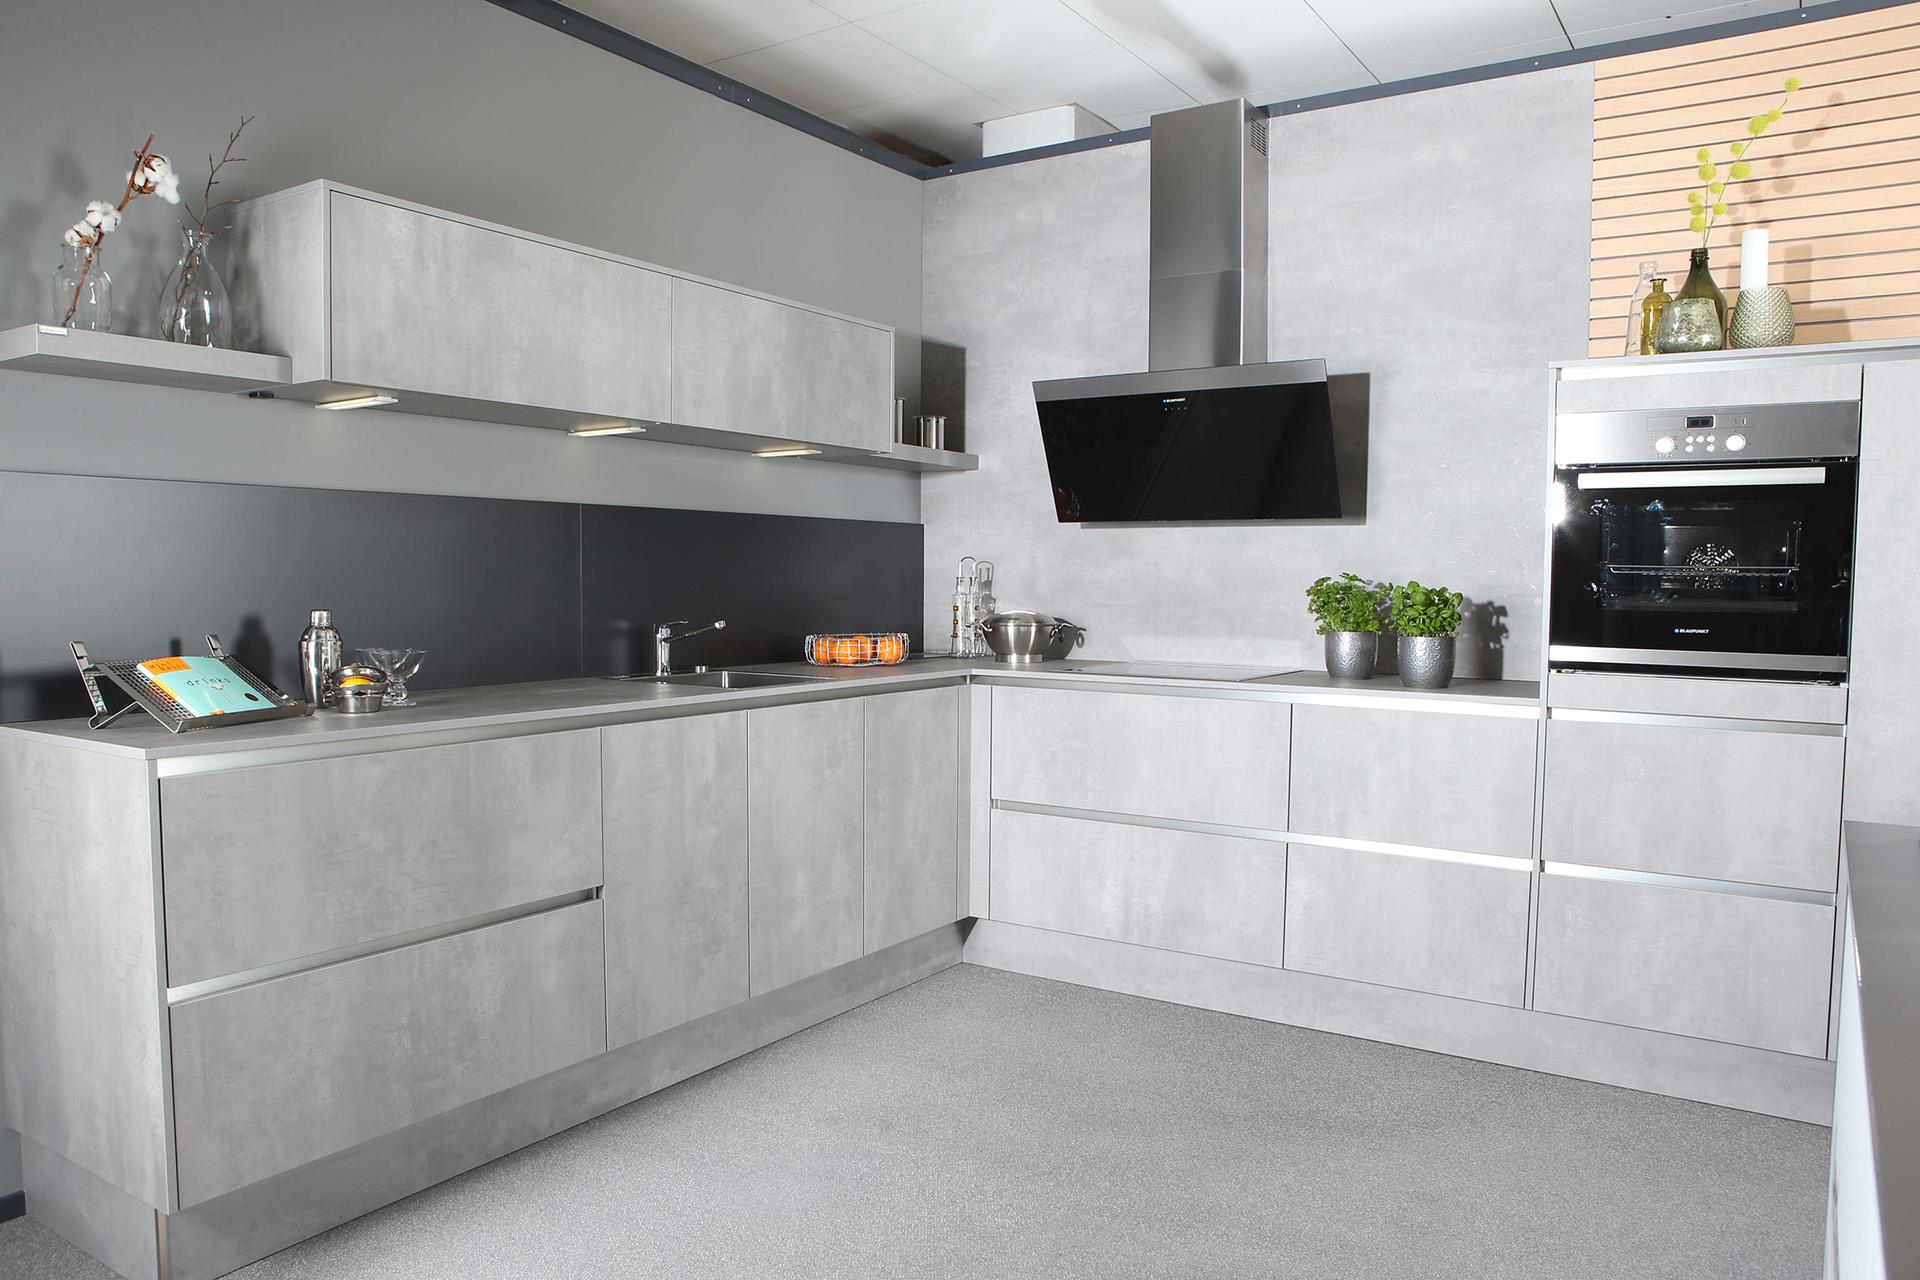 Küchenstudio   Willkommen | Küchenstudio Lorinser